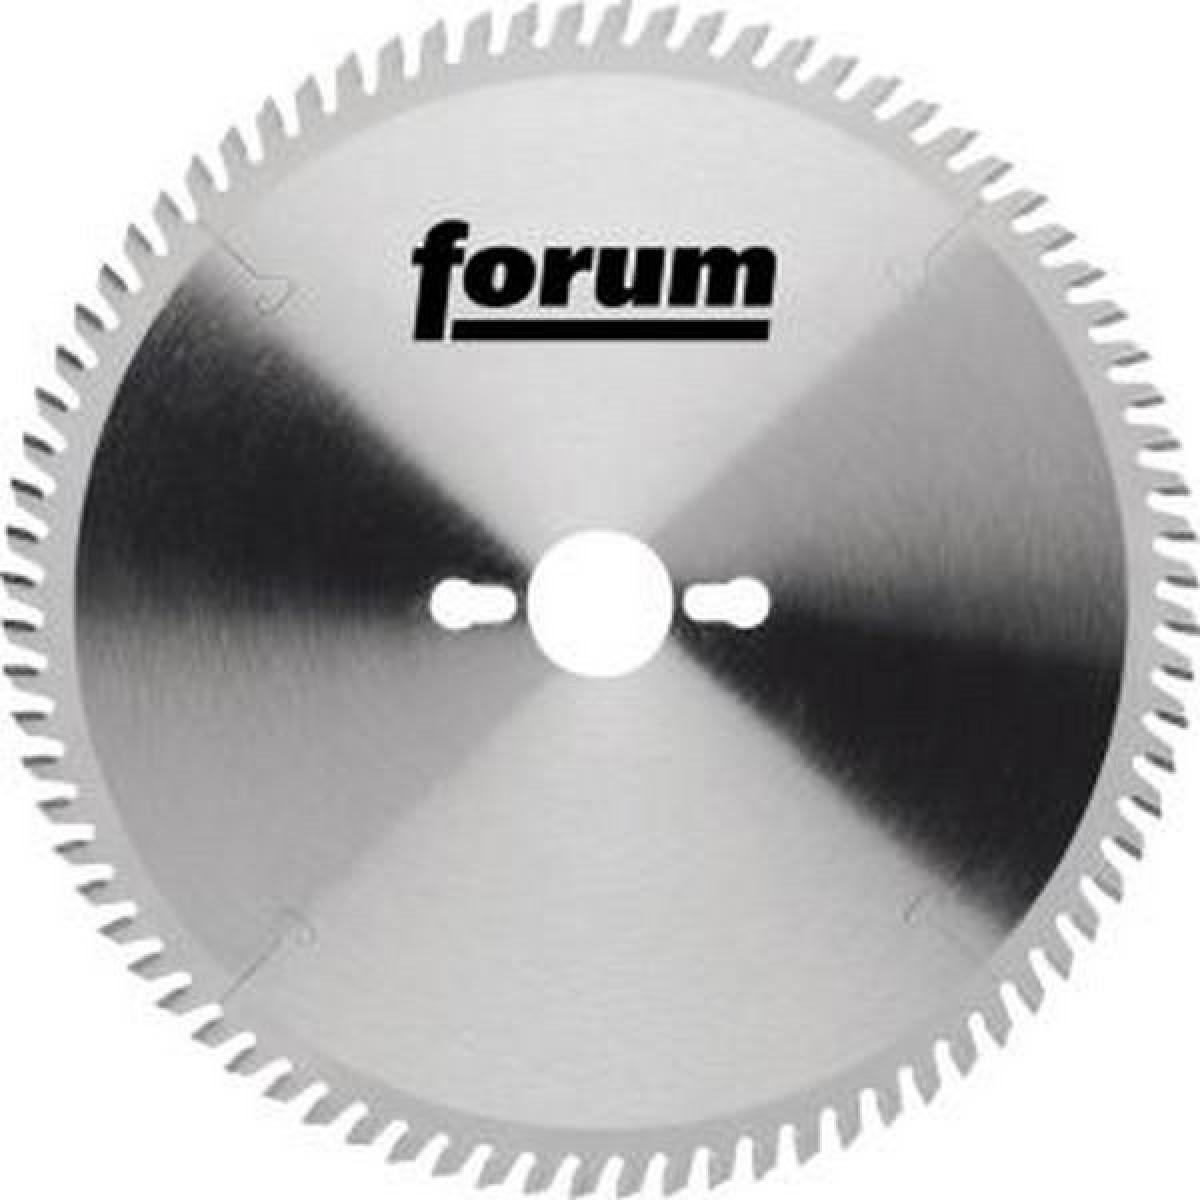 Forum Lame de scie circulaire, Ø : 305 mm, Larg. : 3,2 mm, Alésage 30 mm, Perçages secondaires : 2KNL*, Dents : 60